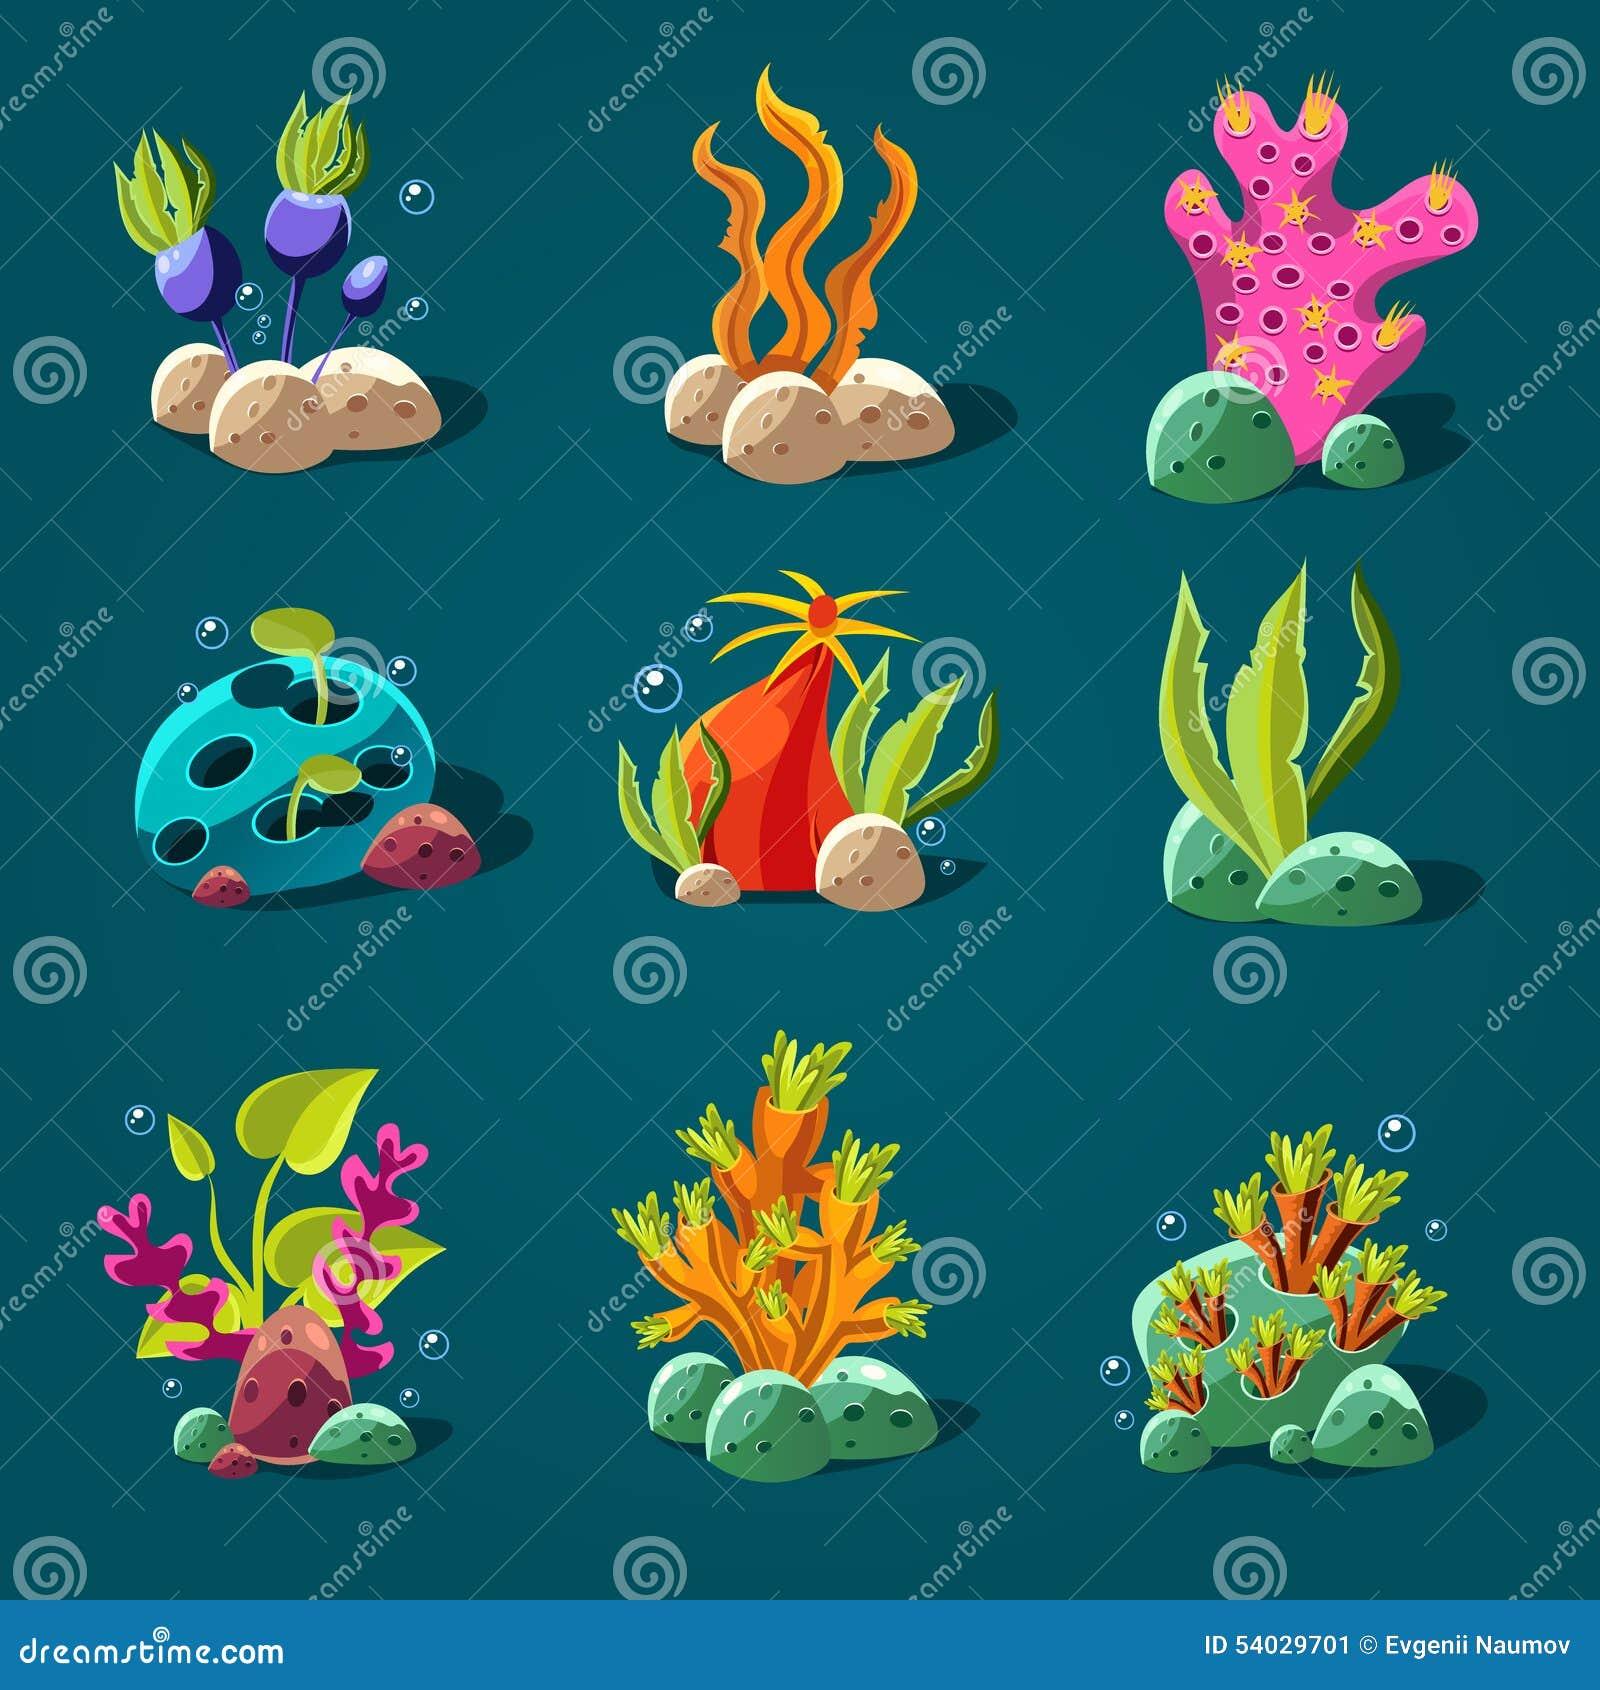 Simple Coral Reef Painting